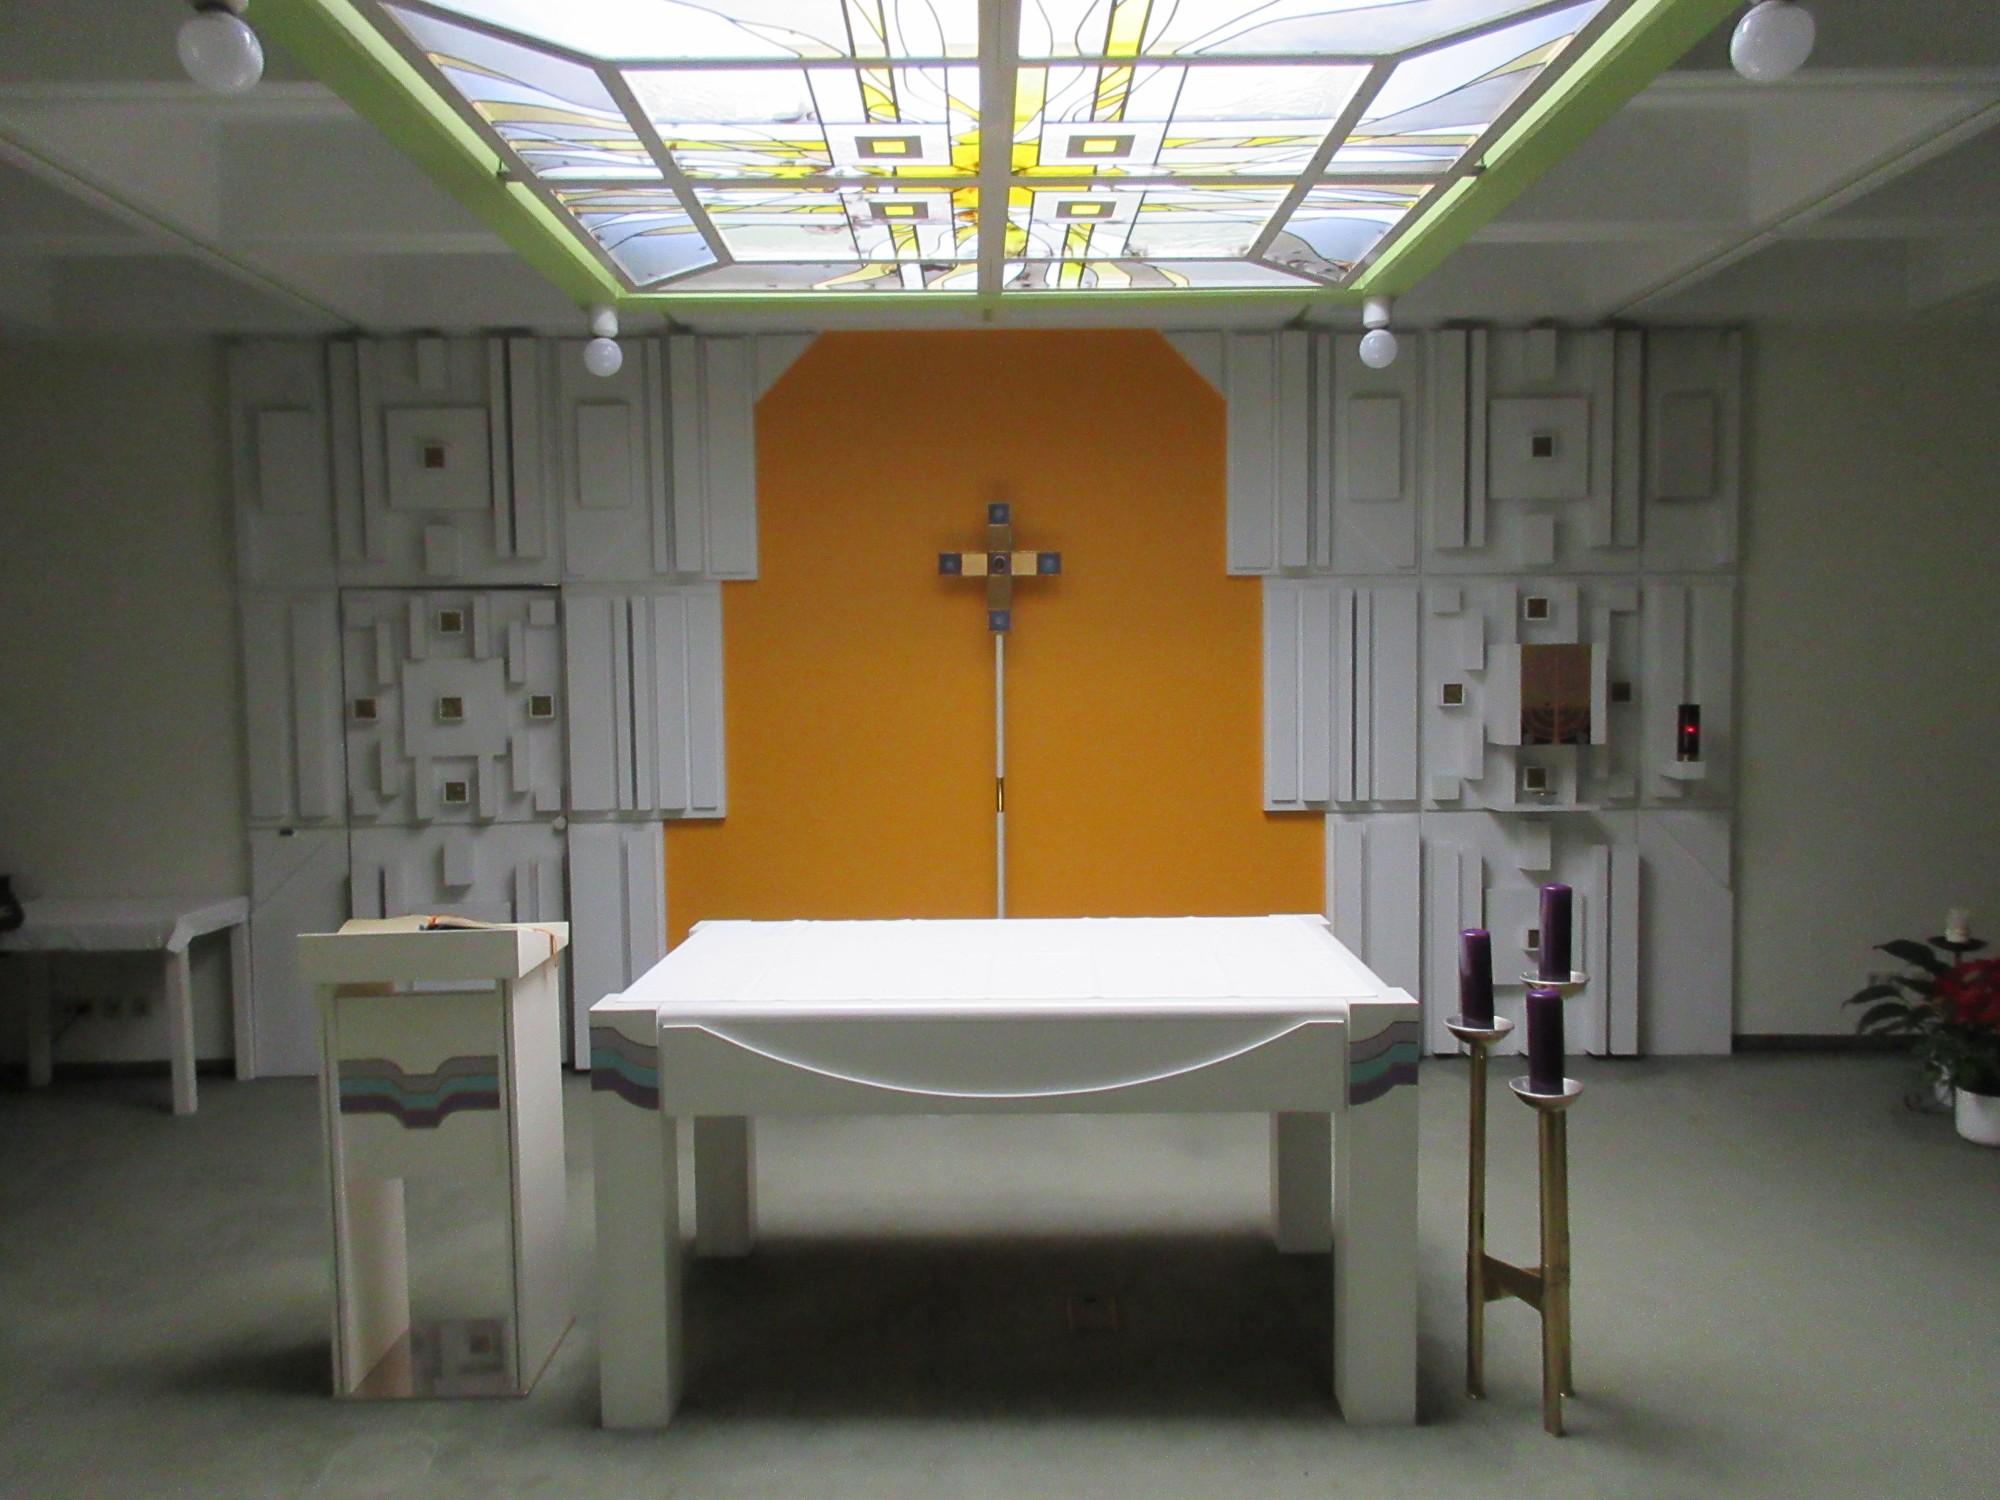 Kapelle Altar 13 Bezirk Bilder Aus Wien Bilder Im Austria Forum